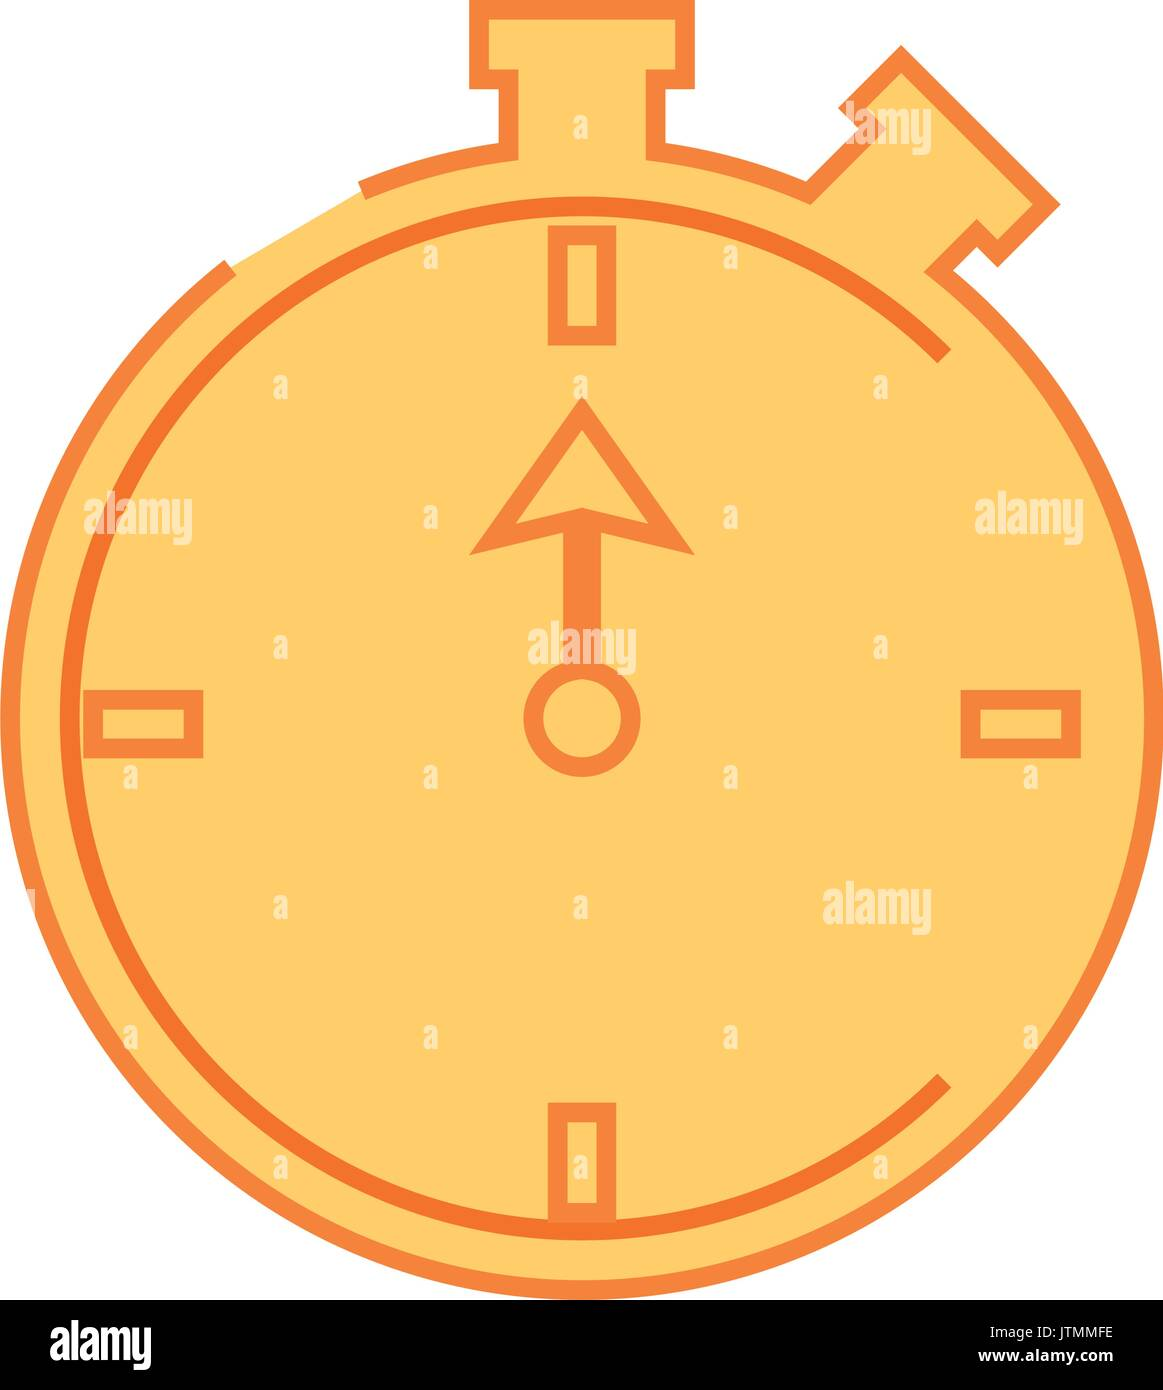 Sport timer chronometer - Stock Image